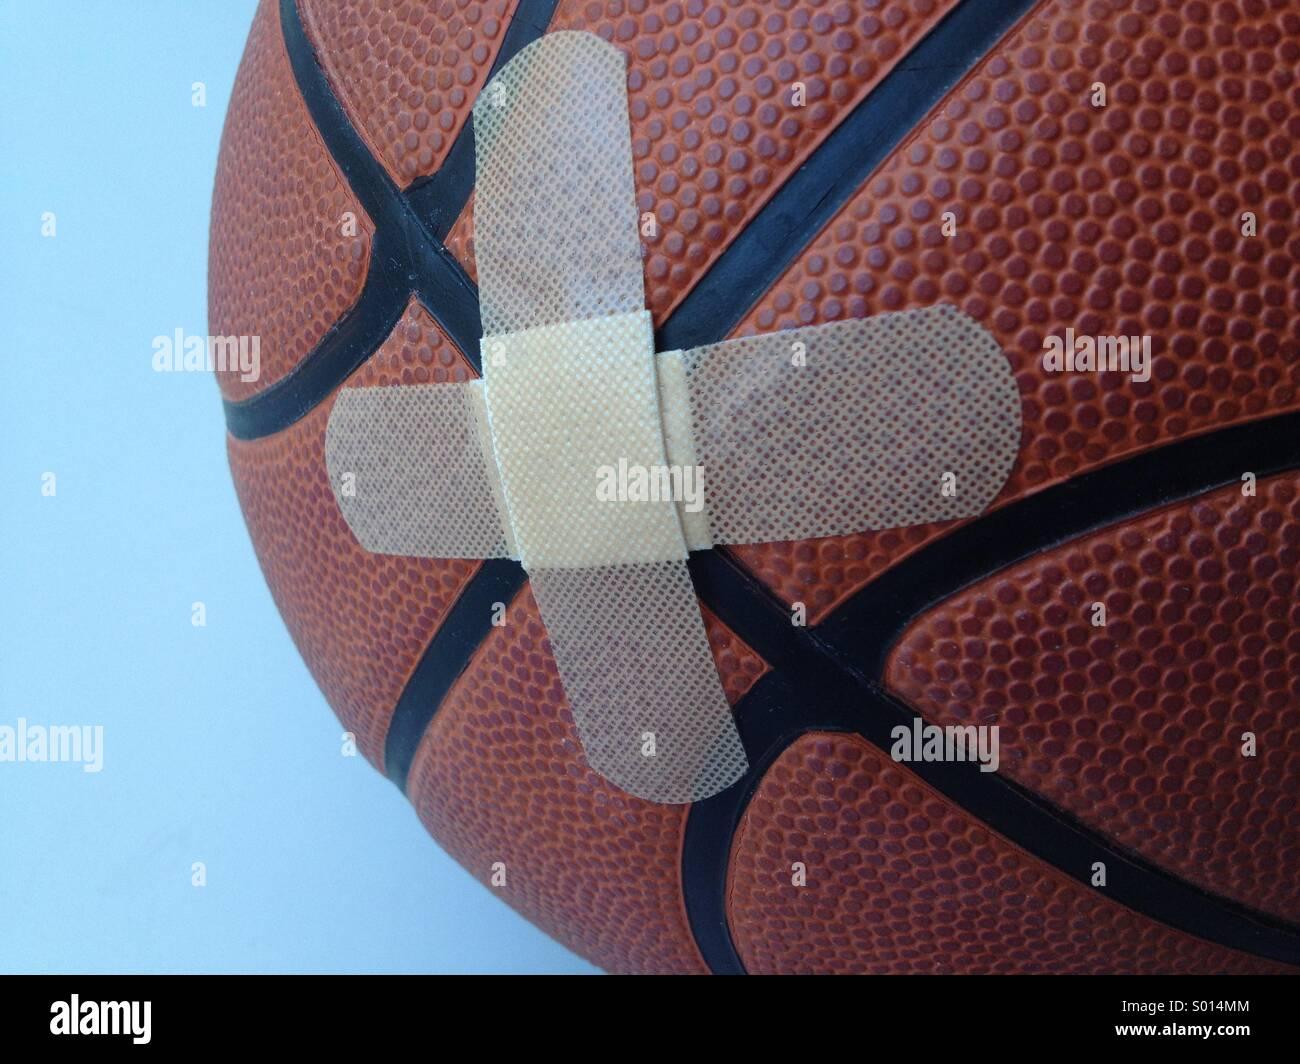 Soluzione temporanea: due bende intersecato sul basket Immagini Stock